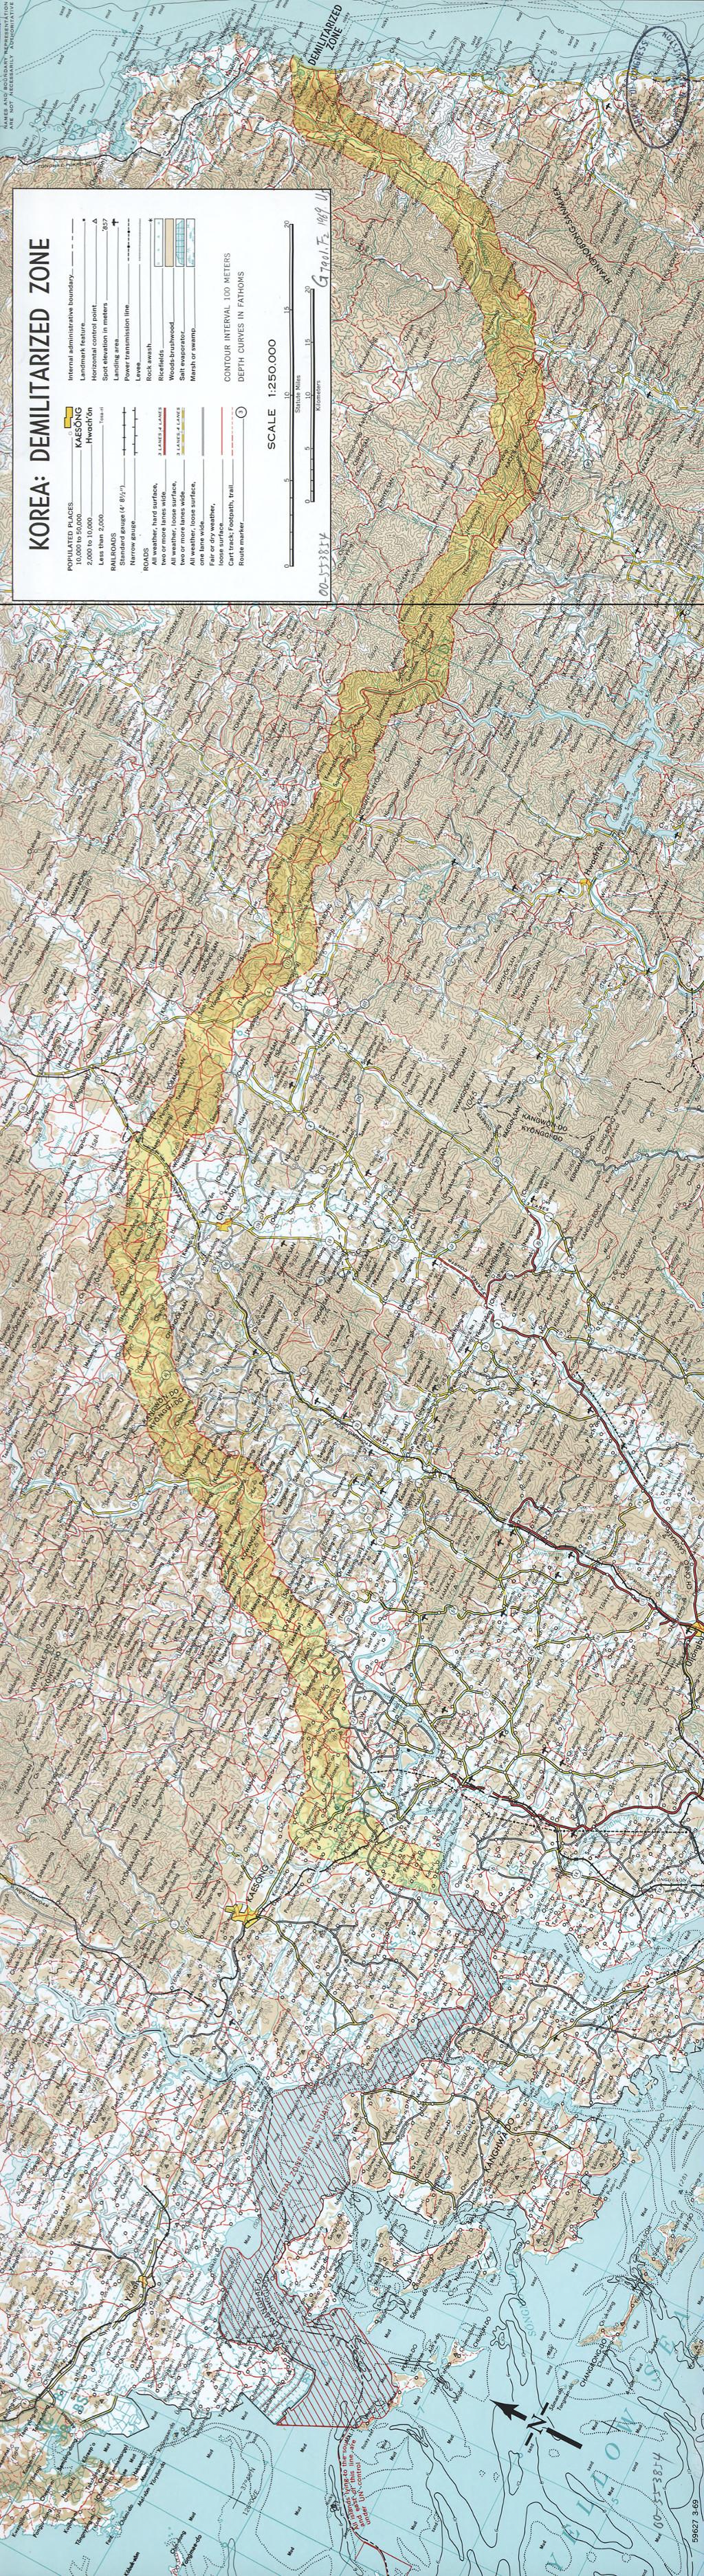 Zona demilitarizzata coreana, mappa CIA 1969